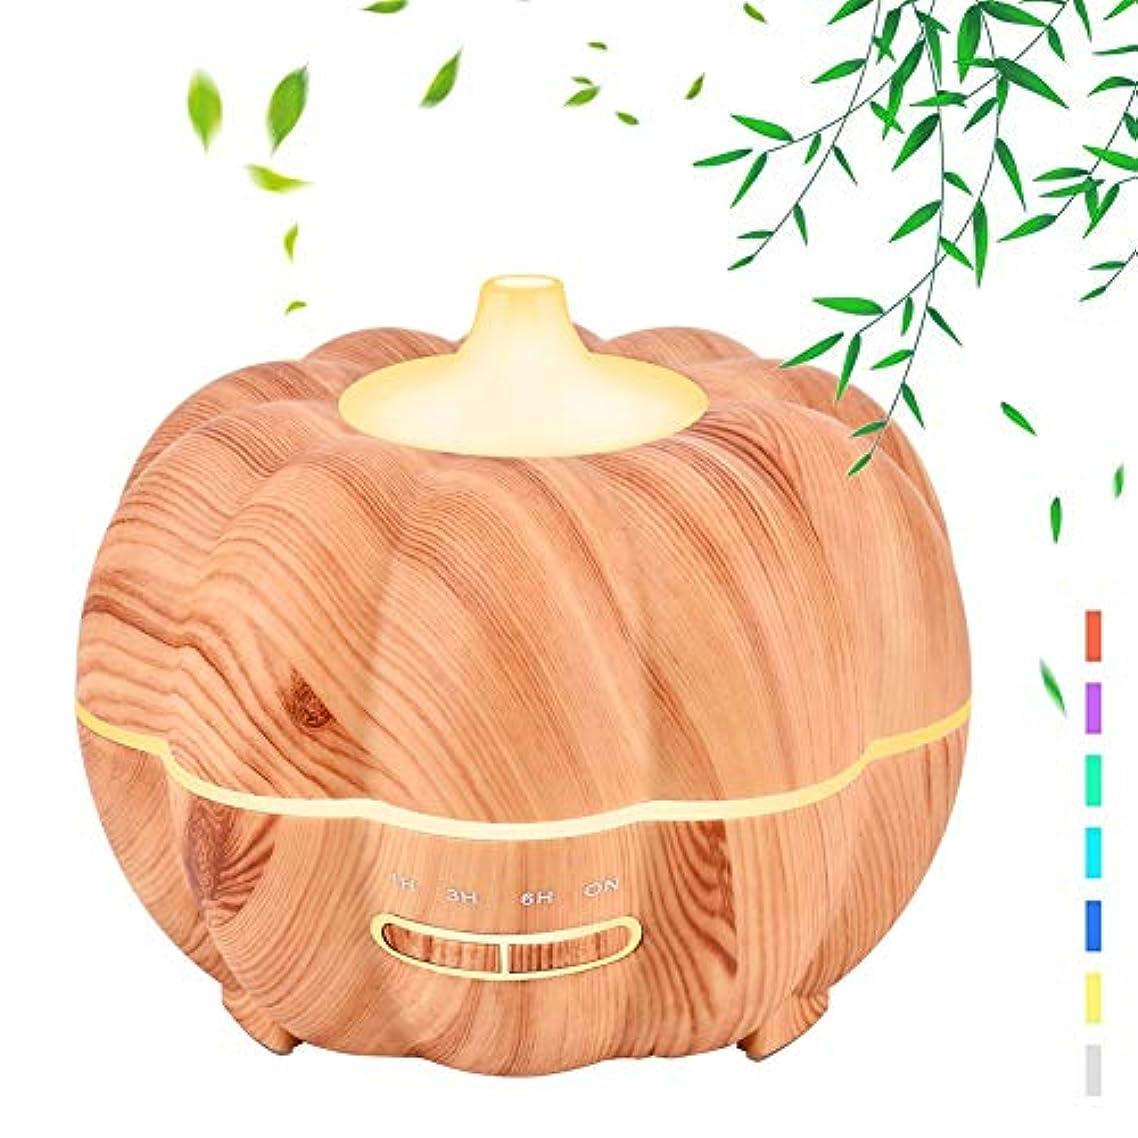 洋服微弱論理的に300ミリリットル木材穀物エッセンシャルオイルディフューザー、加湿器超音波アロマセラピーアロマセラピーディフューザー加湿器、静かな操作、7色フレグランスランプ、ホームオフィス用ヨガスパ,Lightwoodgrain